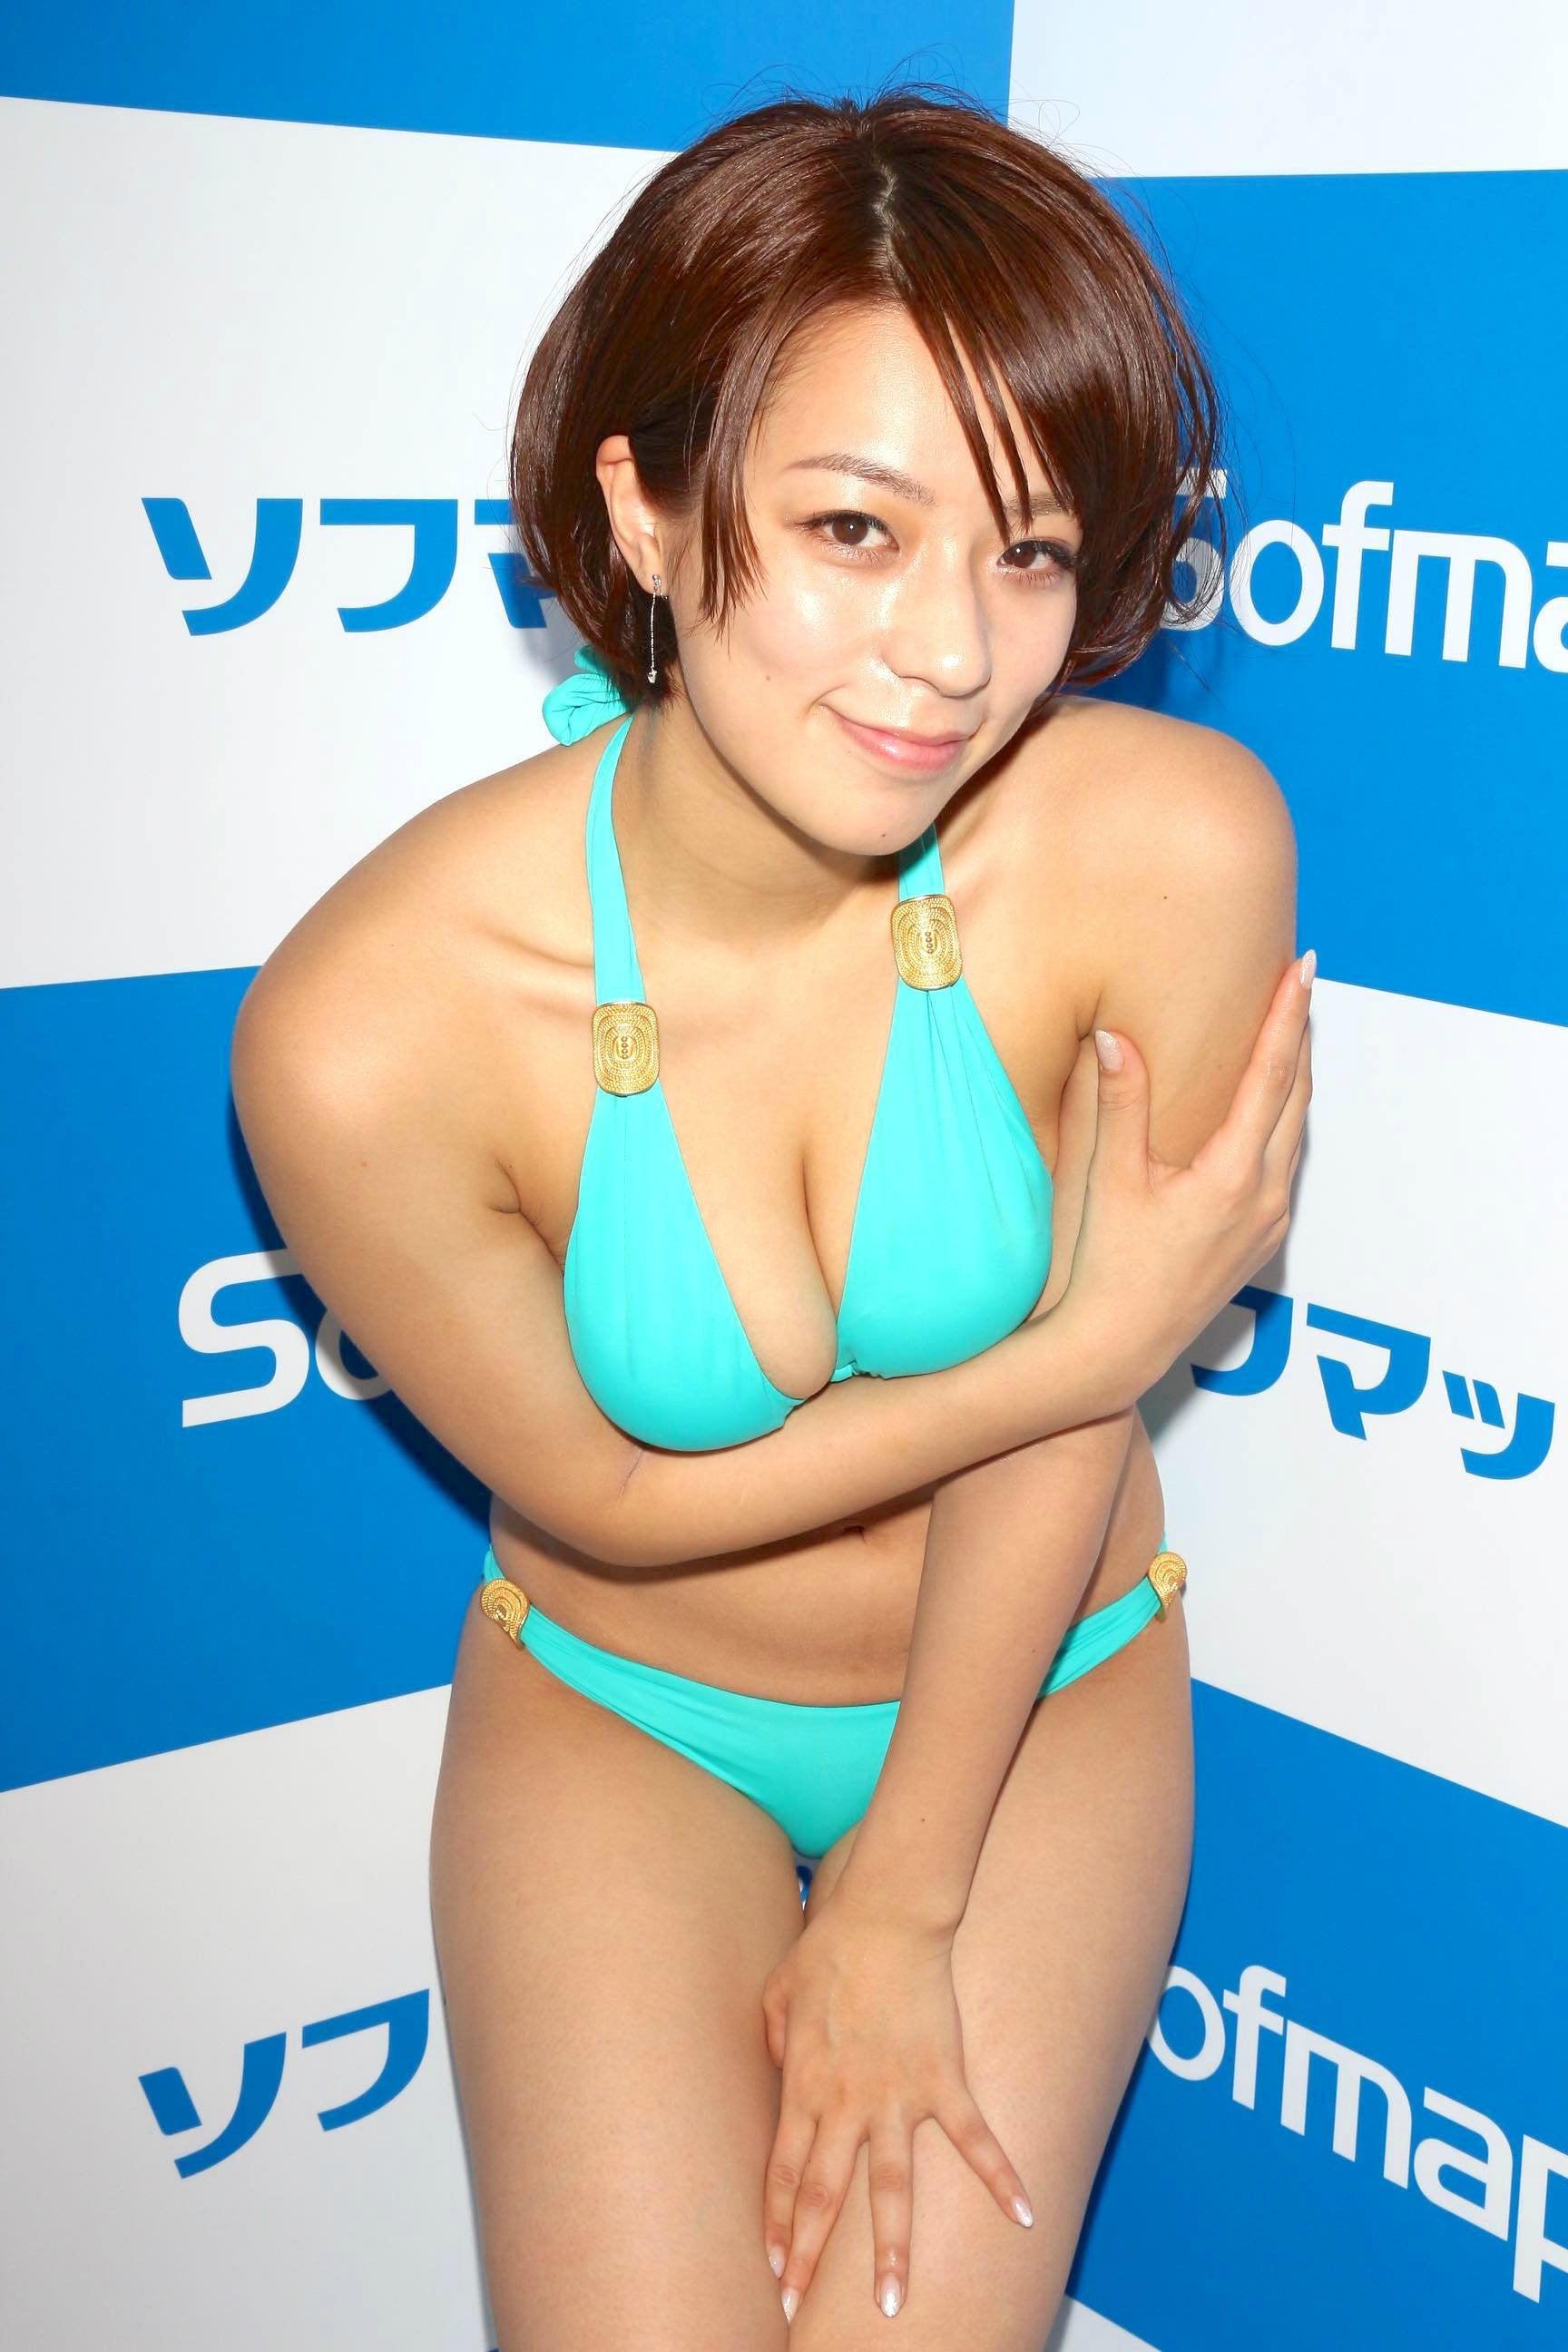 小瀬田麻由「ハァハァしちゃった」テラハ美女がビキニで悶絶!【写真22枚】の画像017